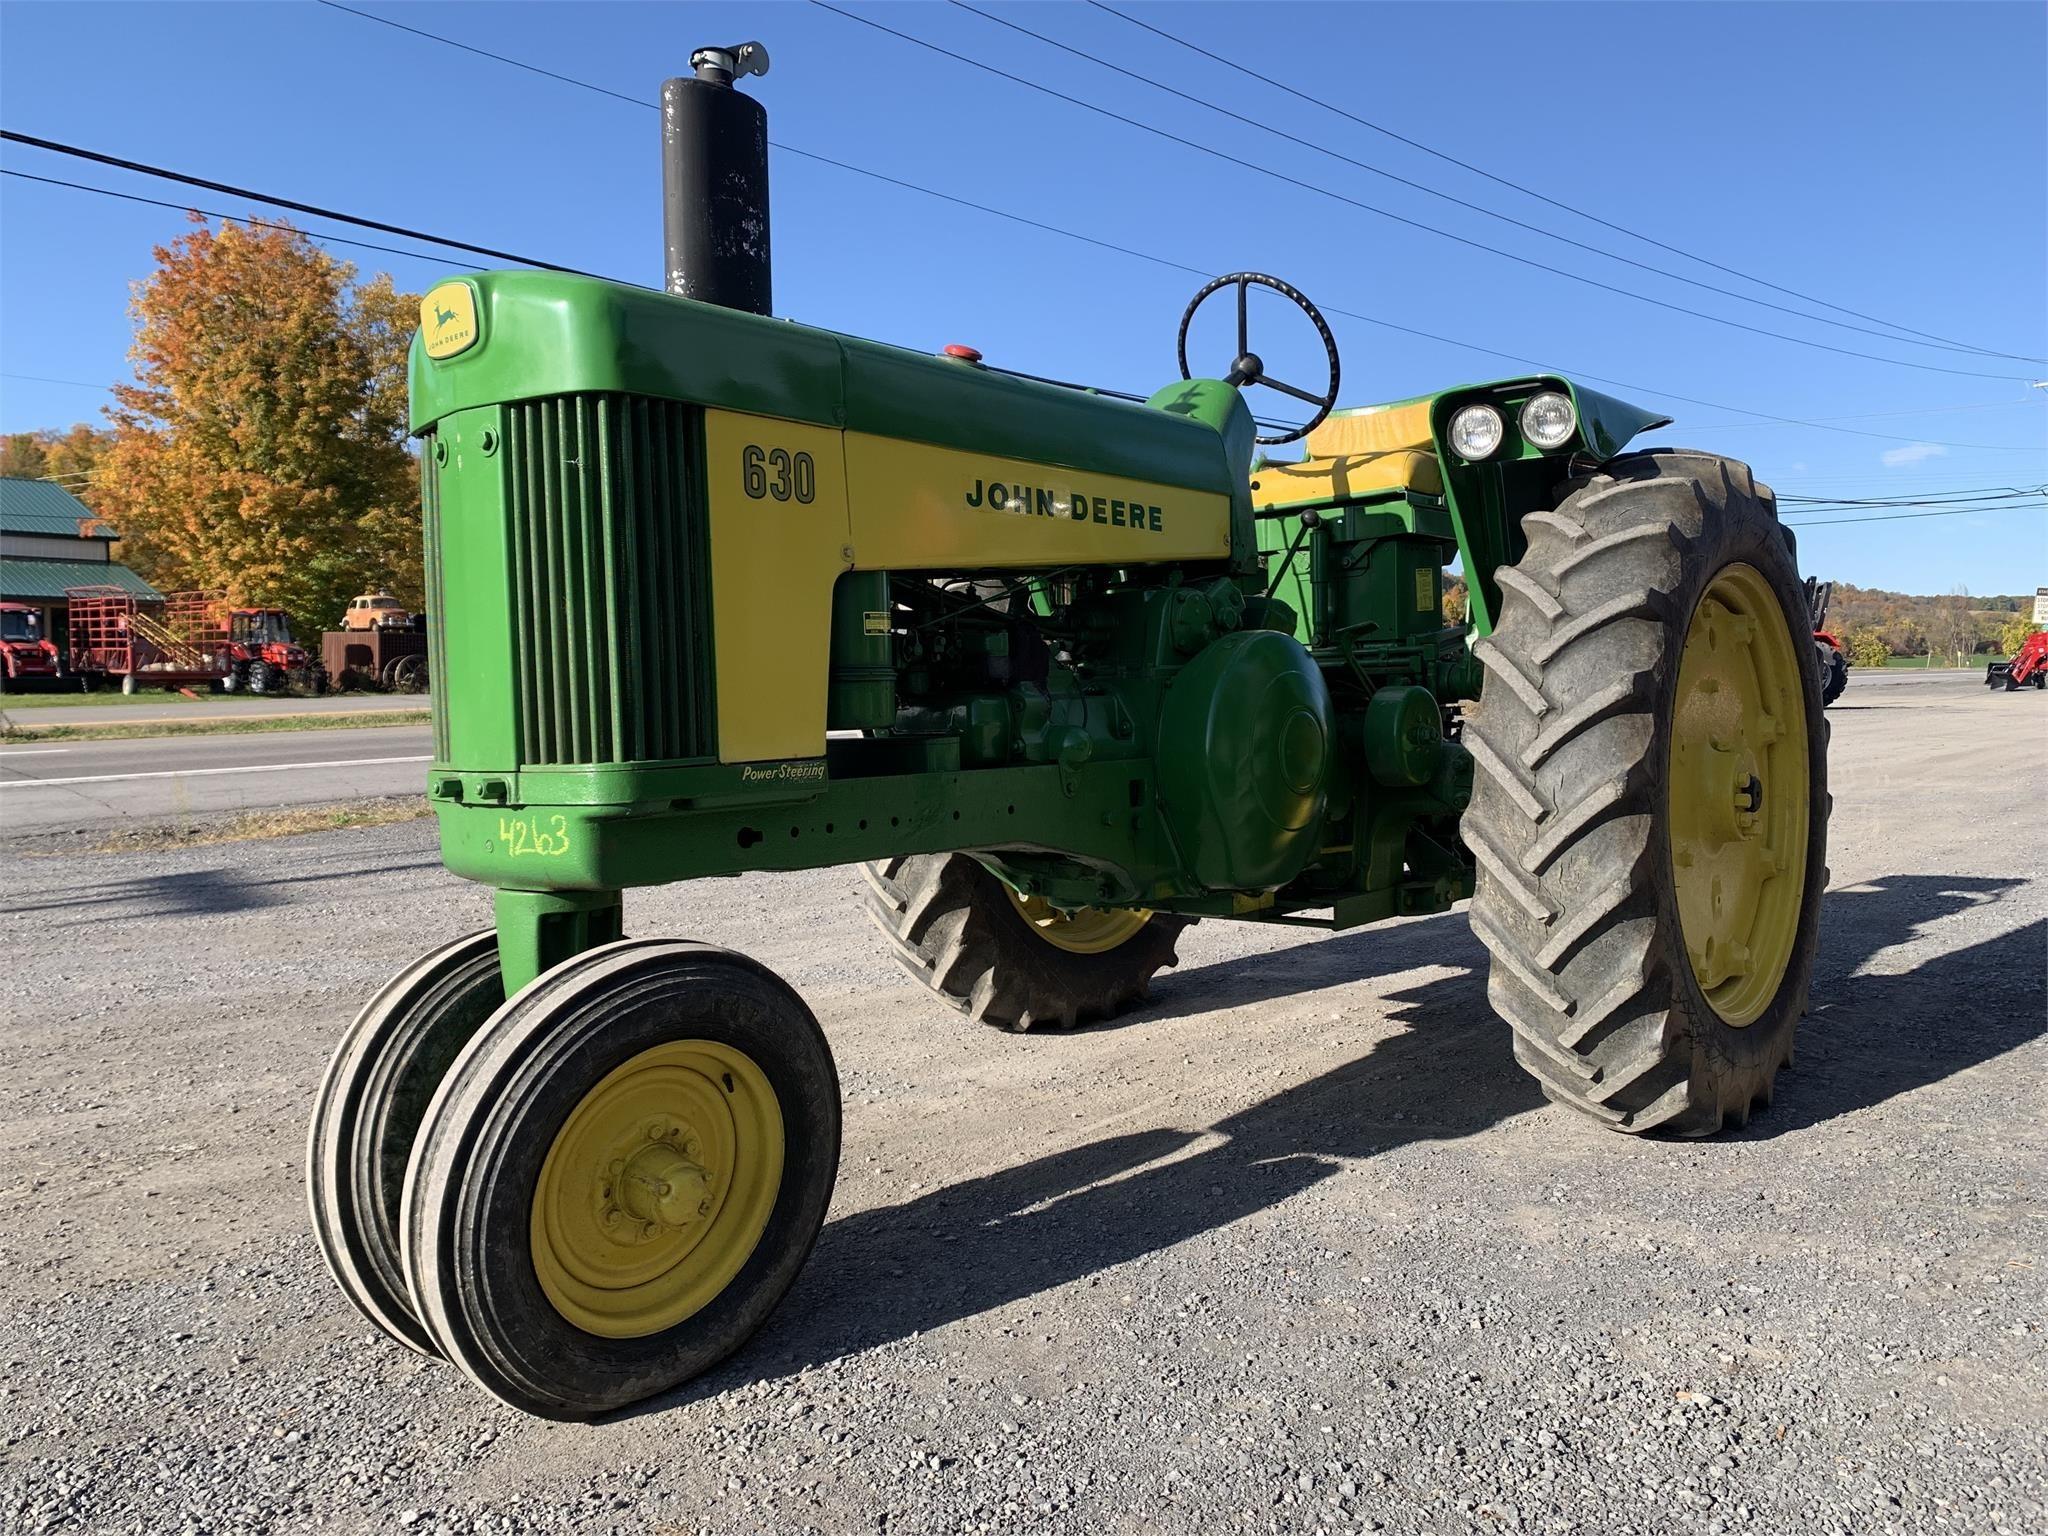 John Deere 630 Tractor